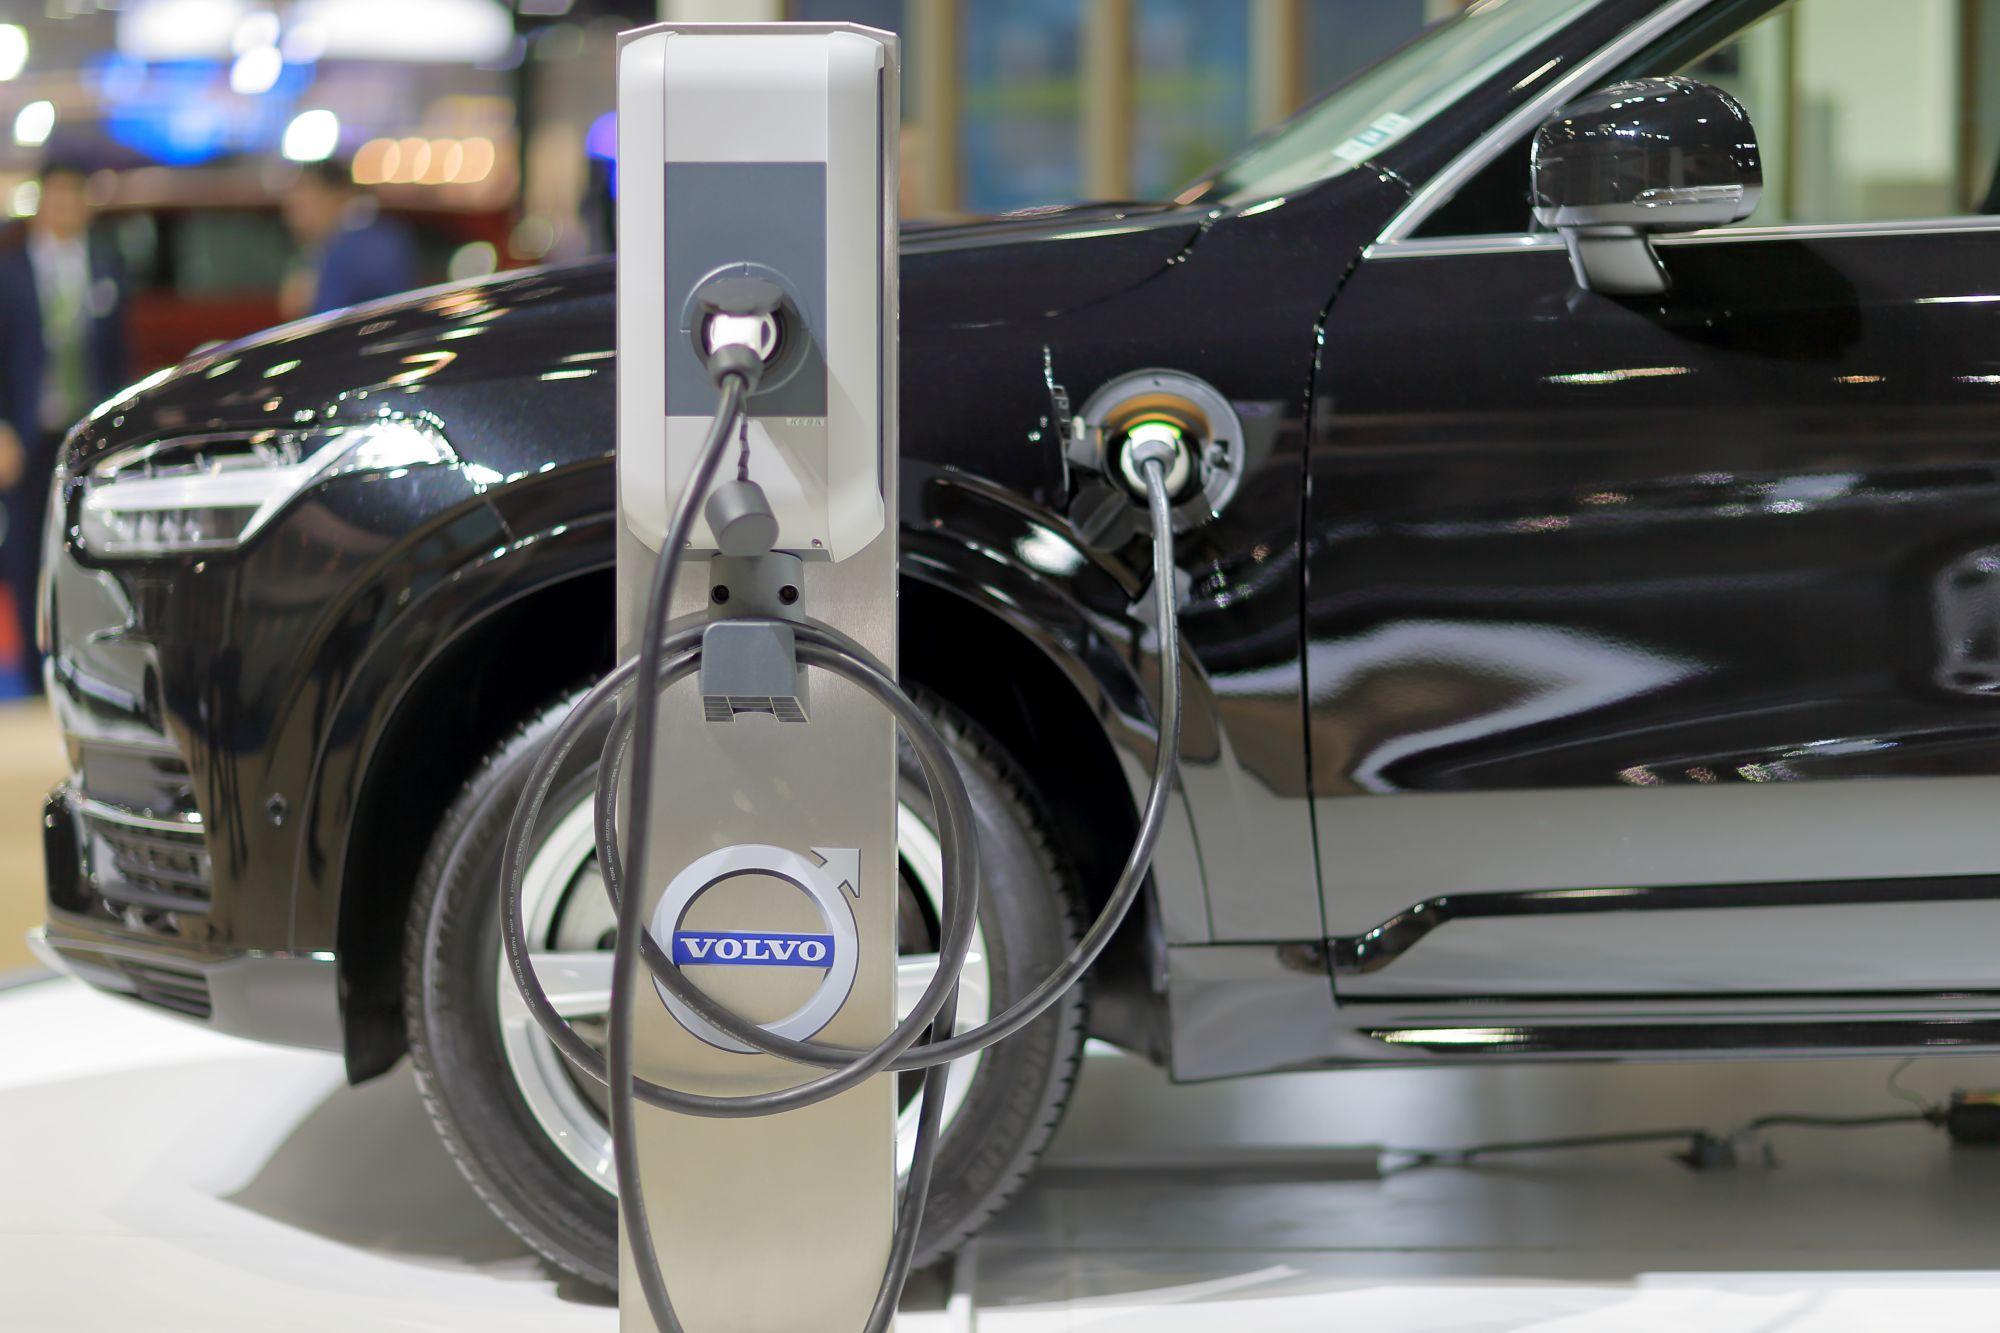 Un autovehicul Volvo care folosește energie regenerabilă este prezentat la o expoziție auto din Thailanda, în 2016